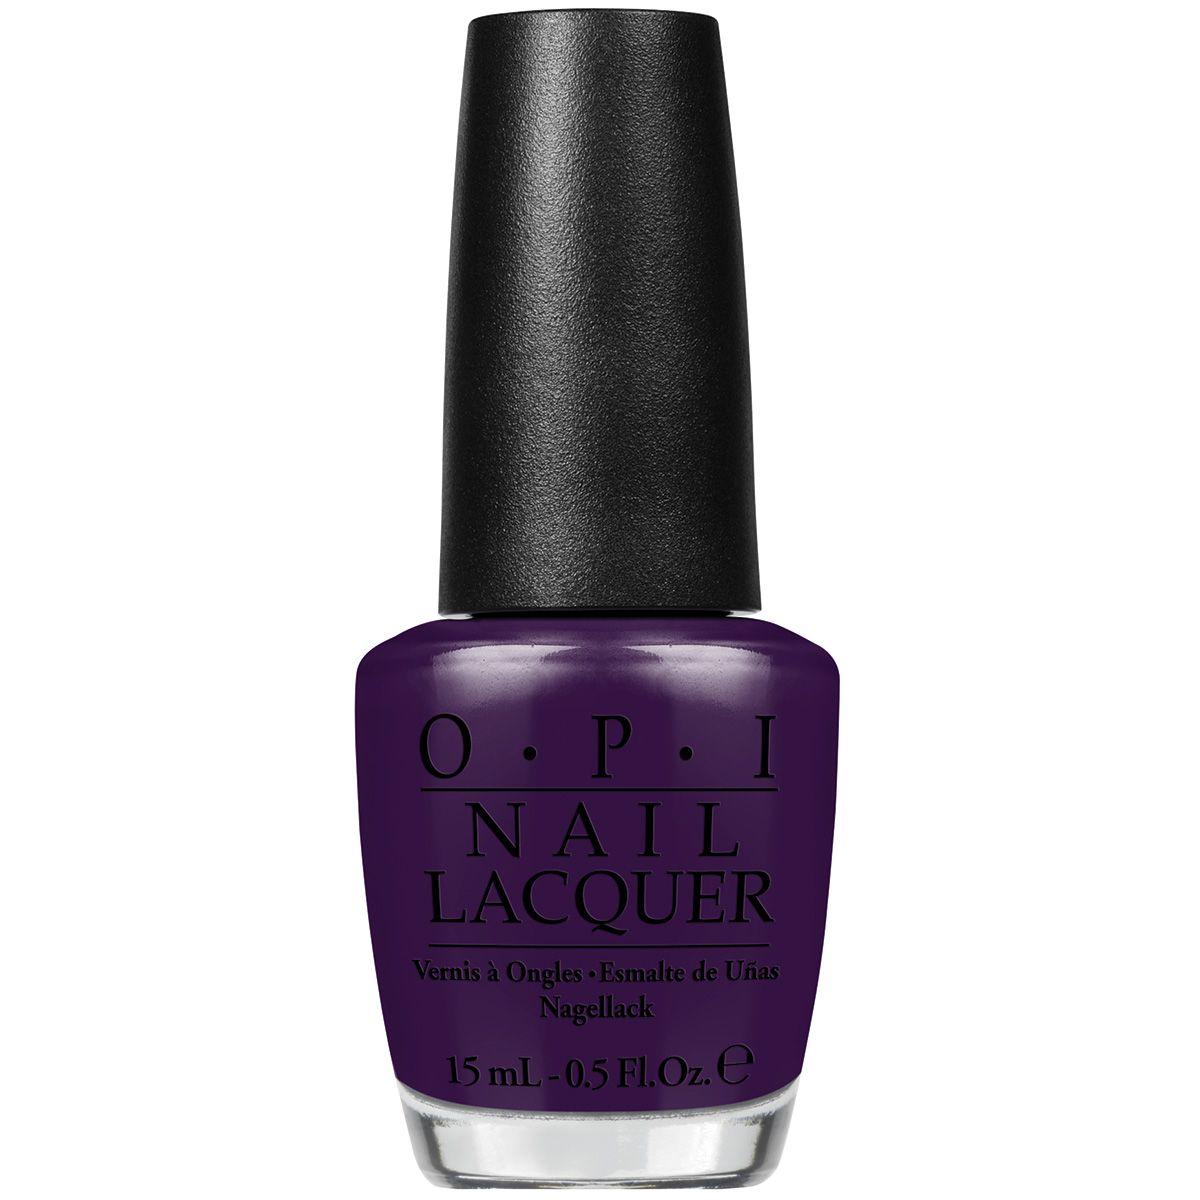 OPI Лак для ногтей A Grape Affair, 15 мл50060017Лак для ногтей OPI быстросохнущий, содержит натуральный шелк и аминокислоты. Увлажняет и ухаживает за ногтями. Форма флакона, колпачка и кисти специально разработаны для удобного использования и запатентованы.